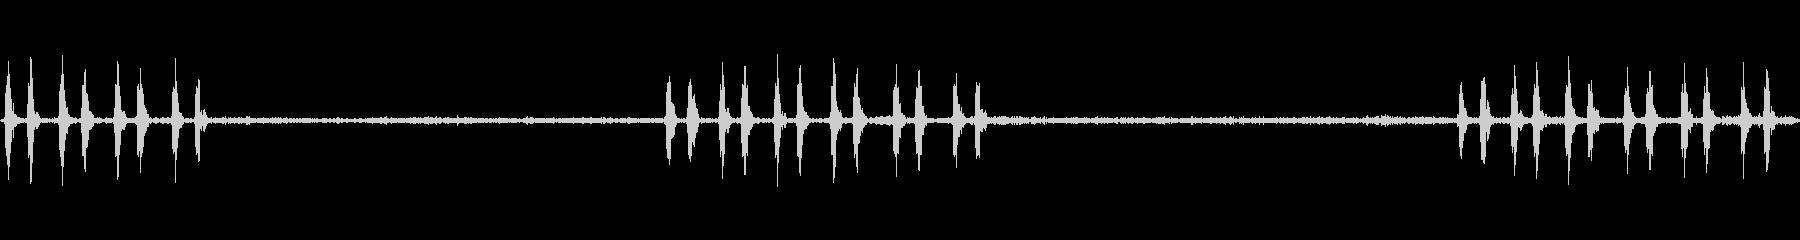 アオバズクの鳴き声(フクロウの仲間)の未再生の波形